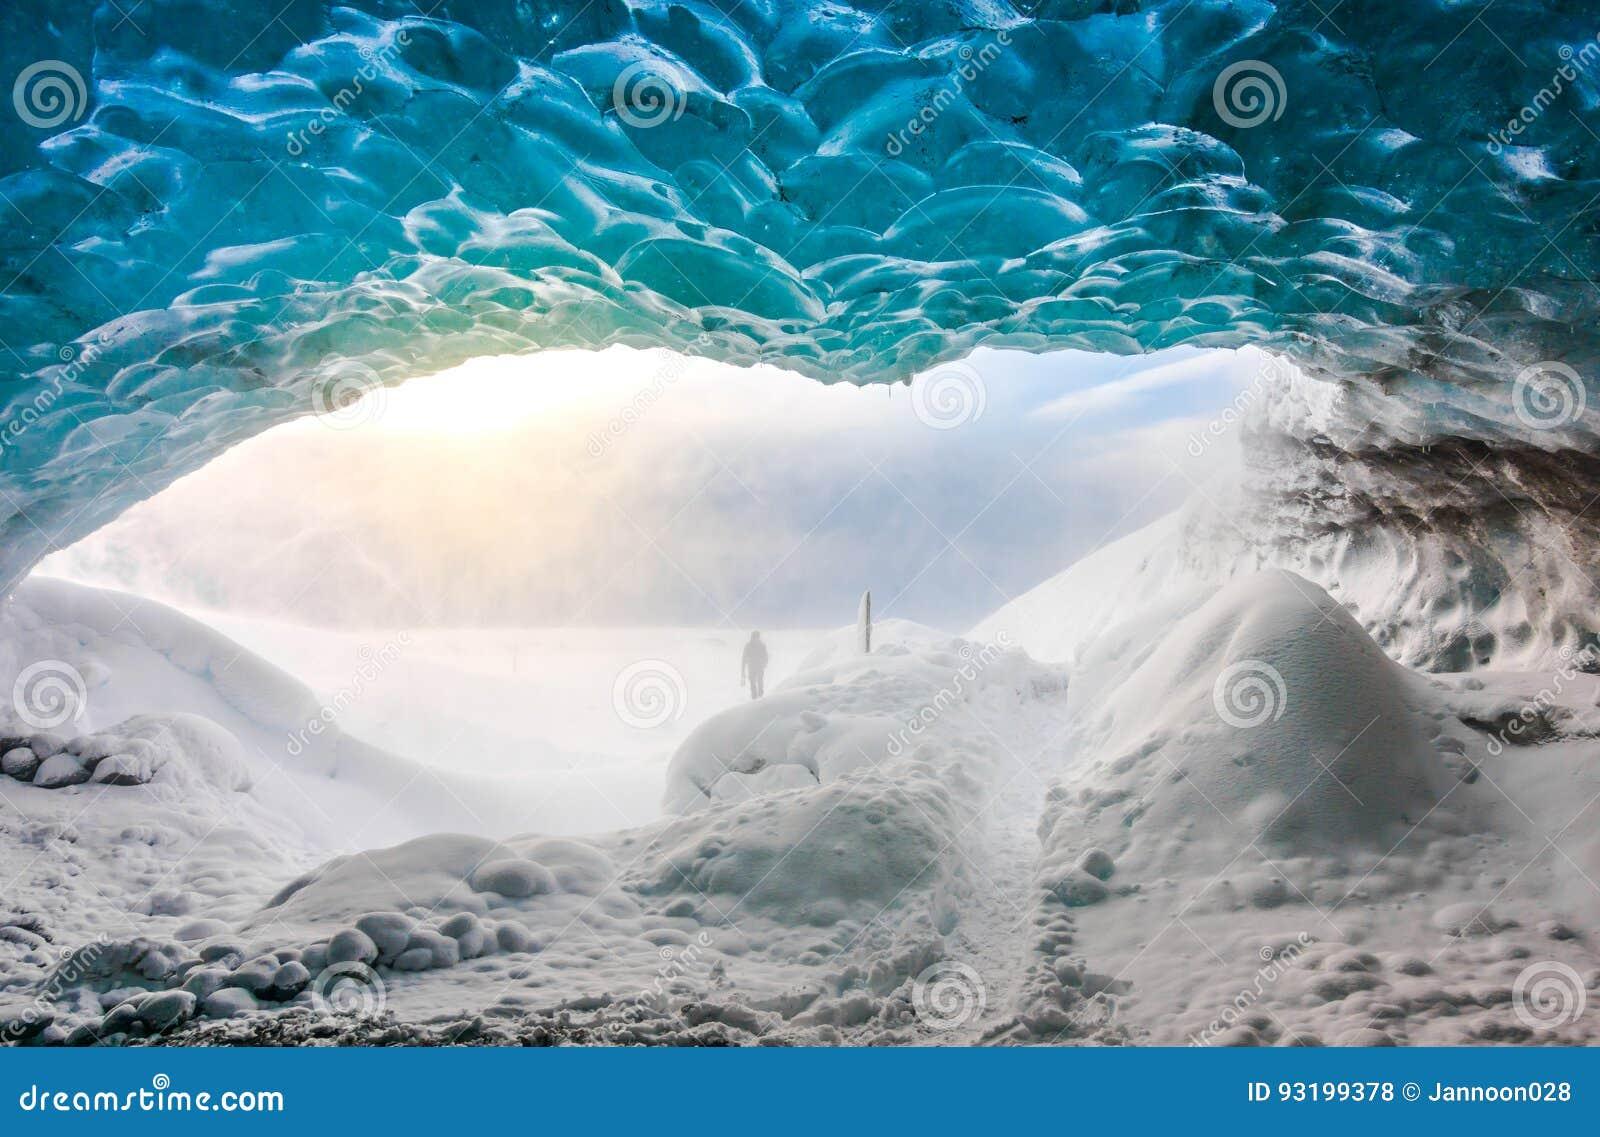 Inside ice cave in Vatnajokull, Iceland .